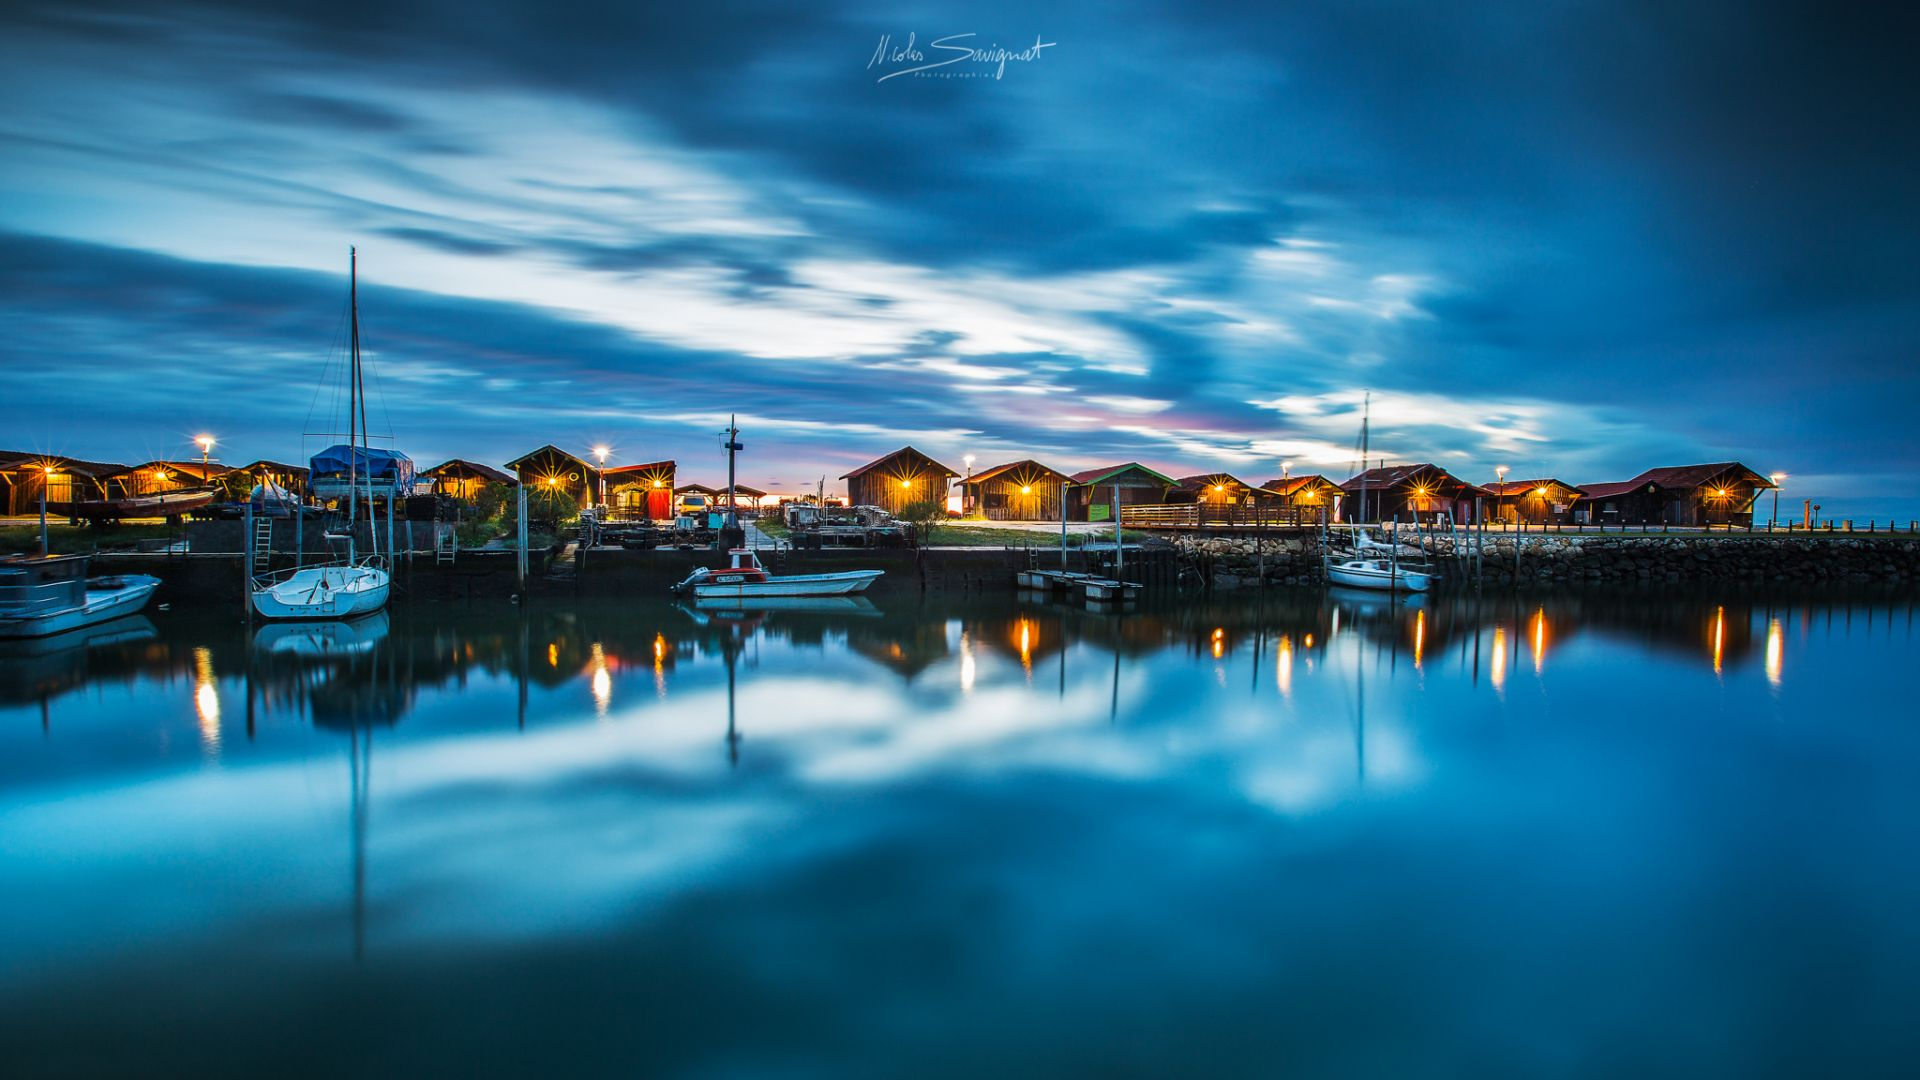 Port de nuit dans le Bassin d'Arcachon - Les photographes de Joomeo : Paysages et lumière de ©Nicolas Savignat